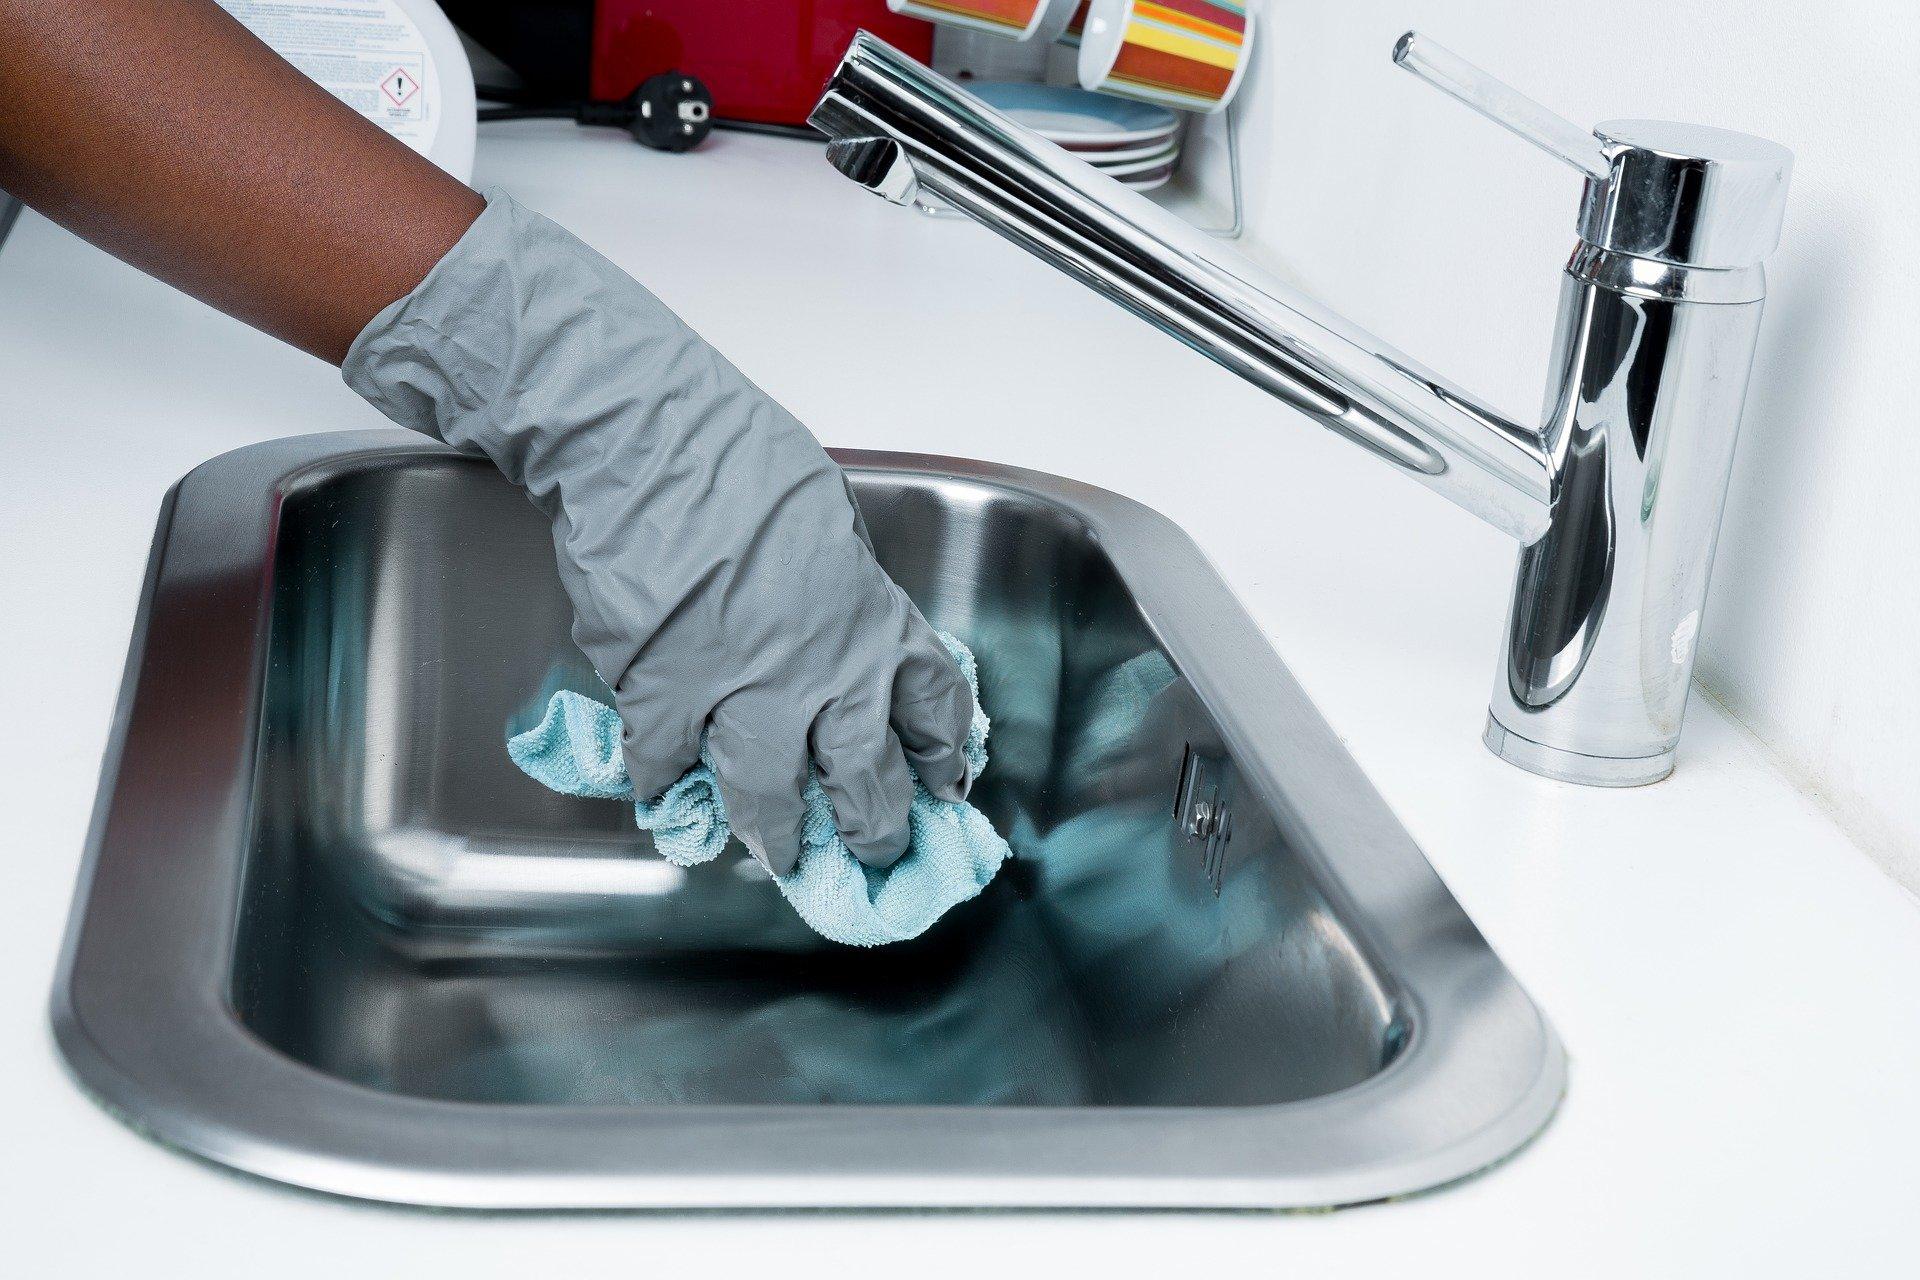 Confira quais são os principais protocolos de higiene e limpeza no pós-pandemia